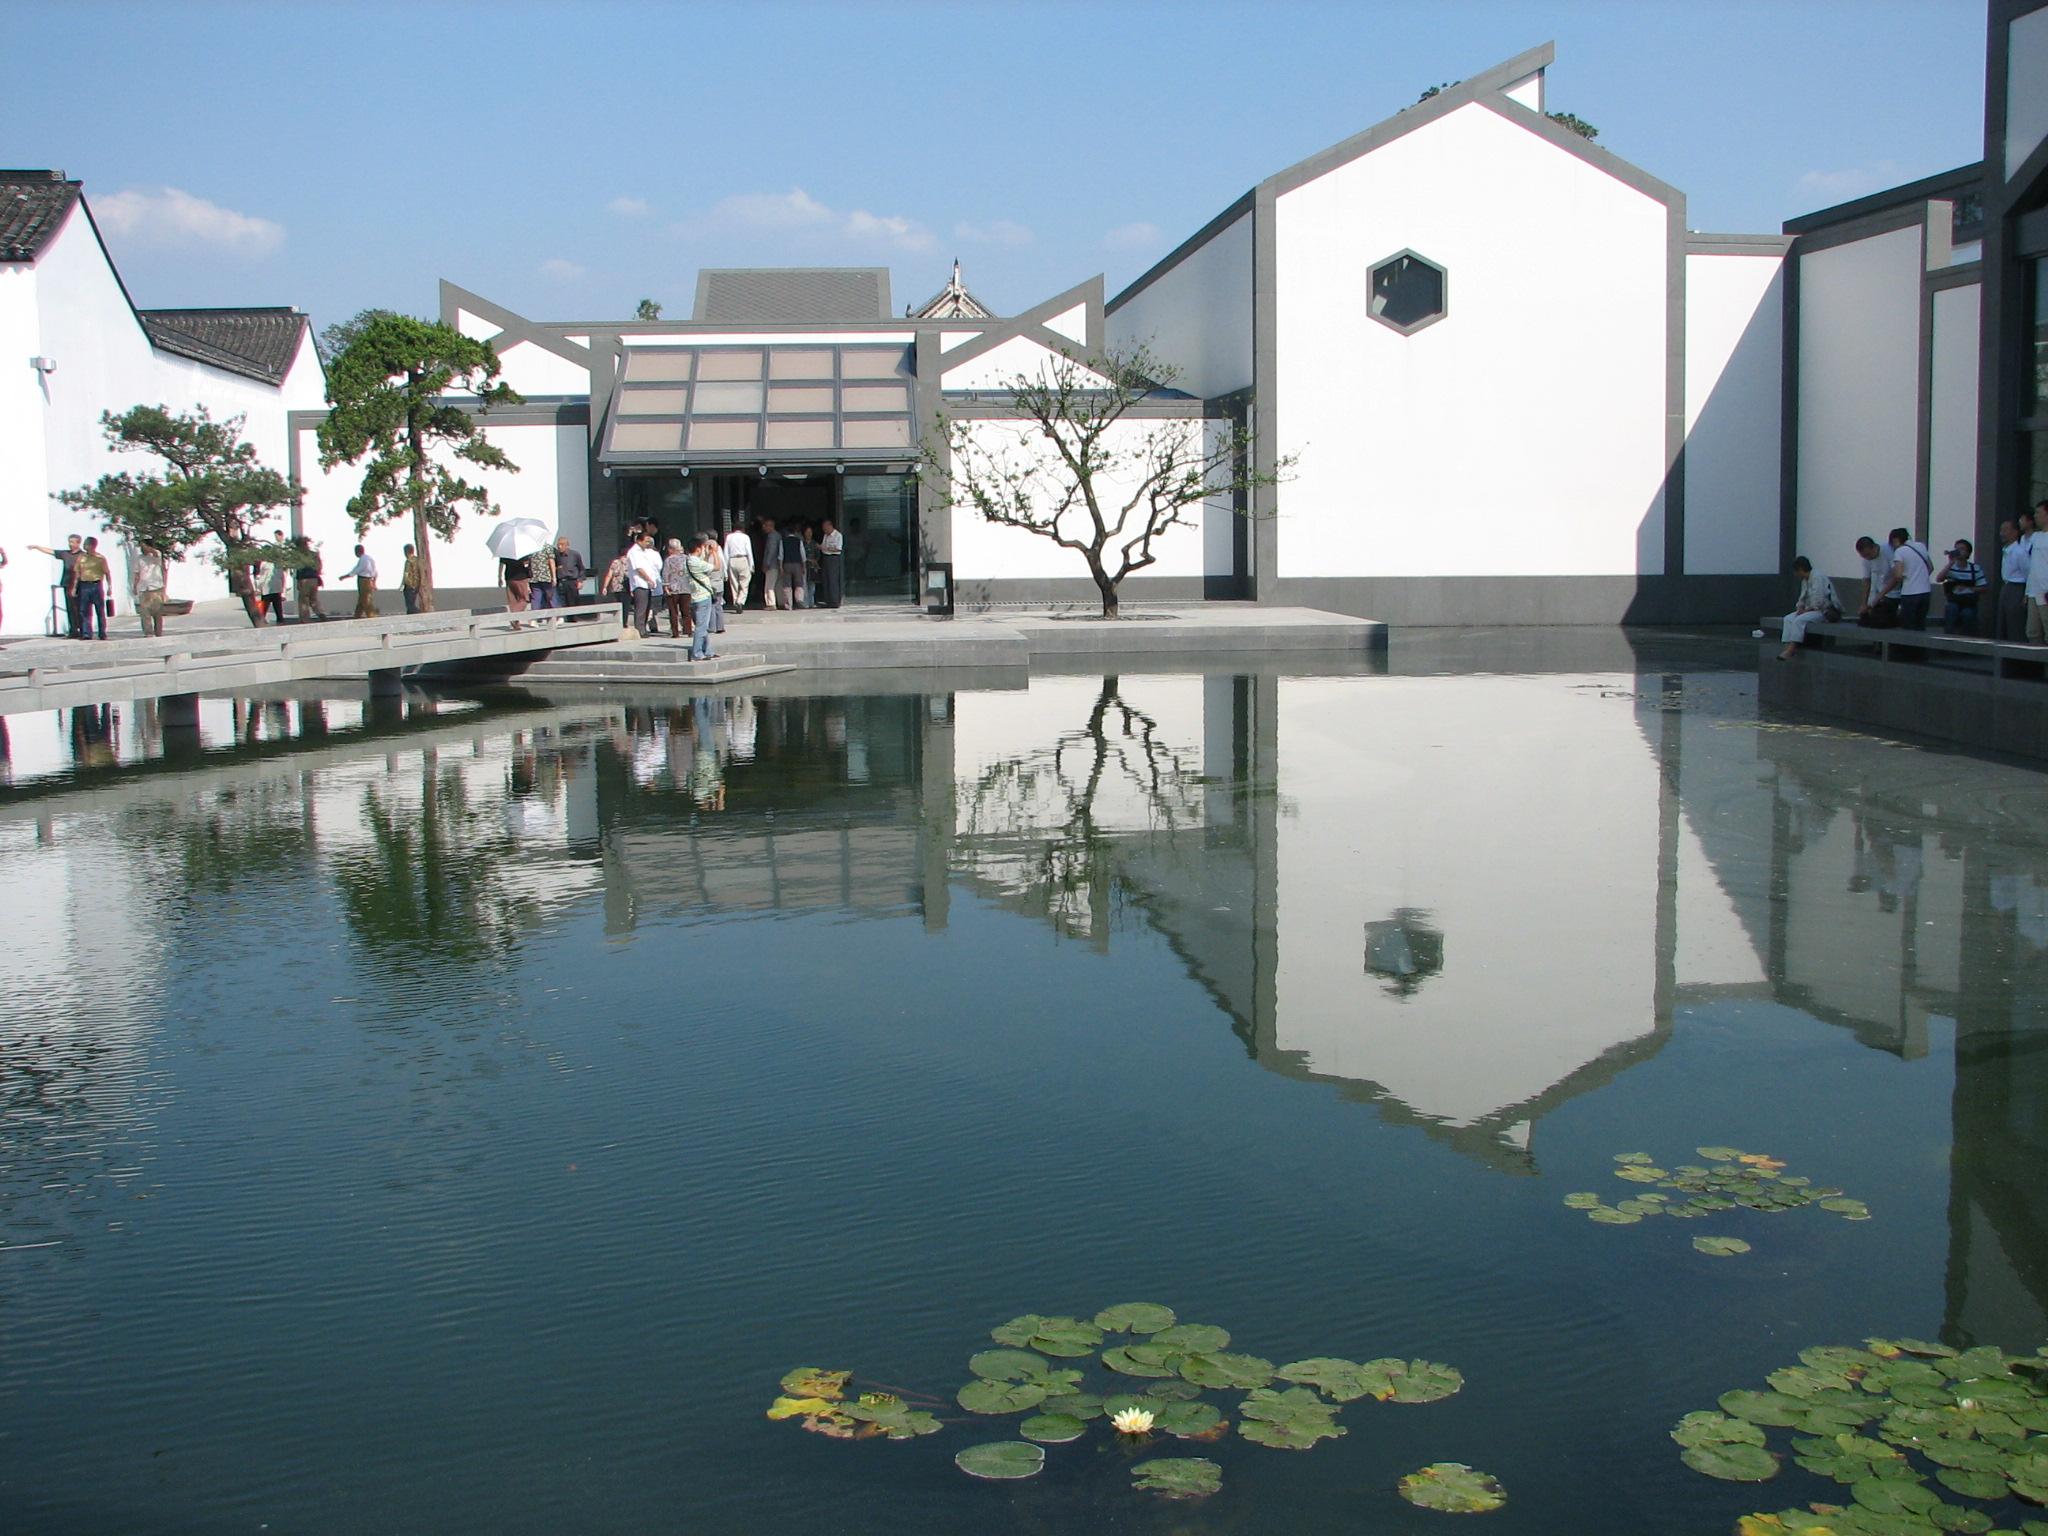 苏州博物馆,苏州苏州博物馆攻略/地址/图片/门票